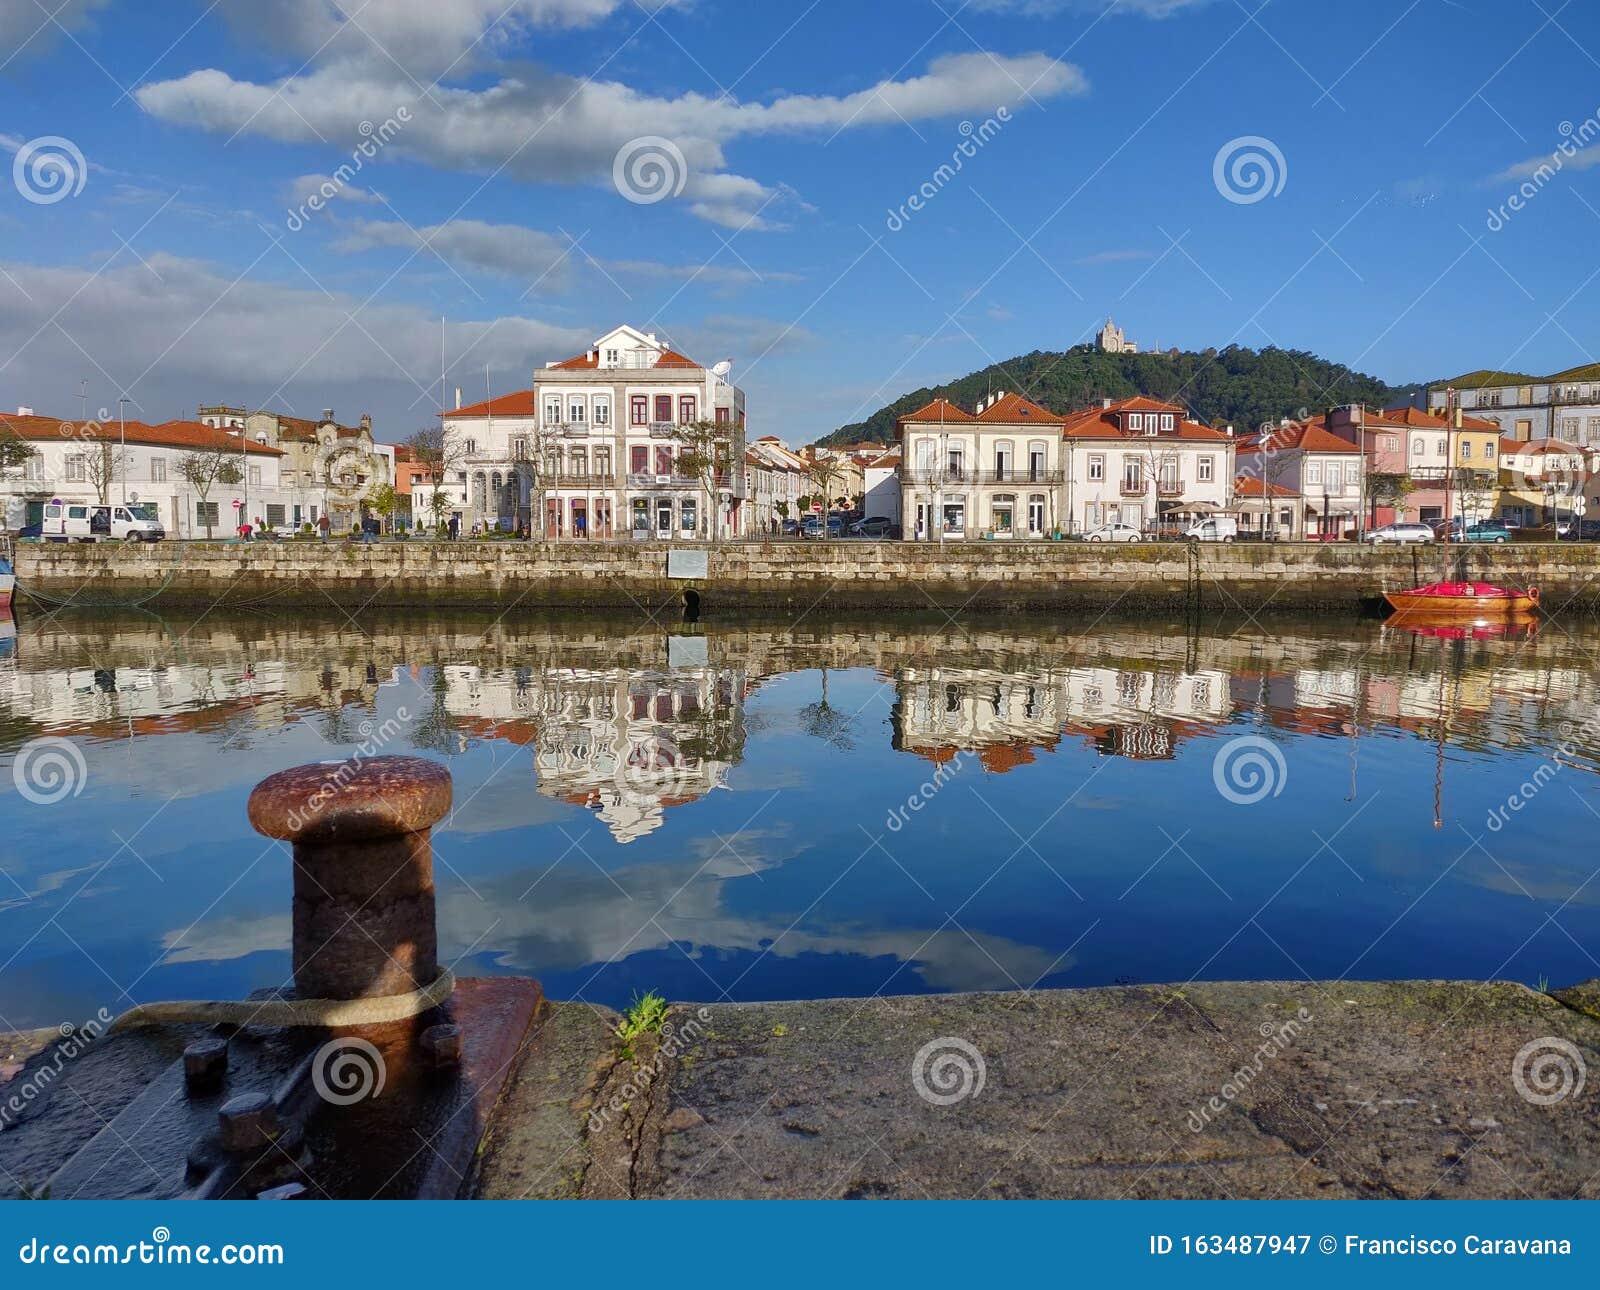 Viana do Castelo cityscape at early morning